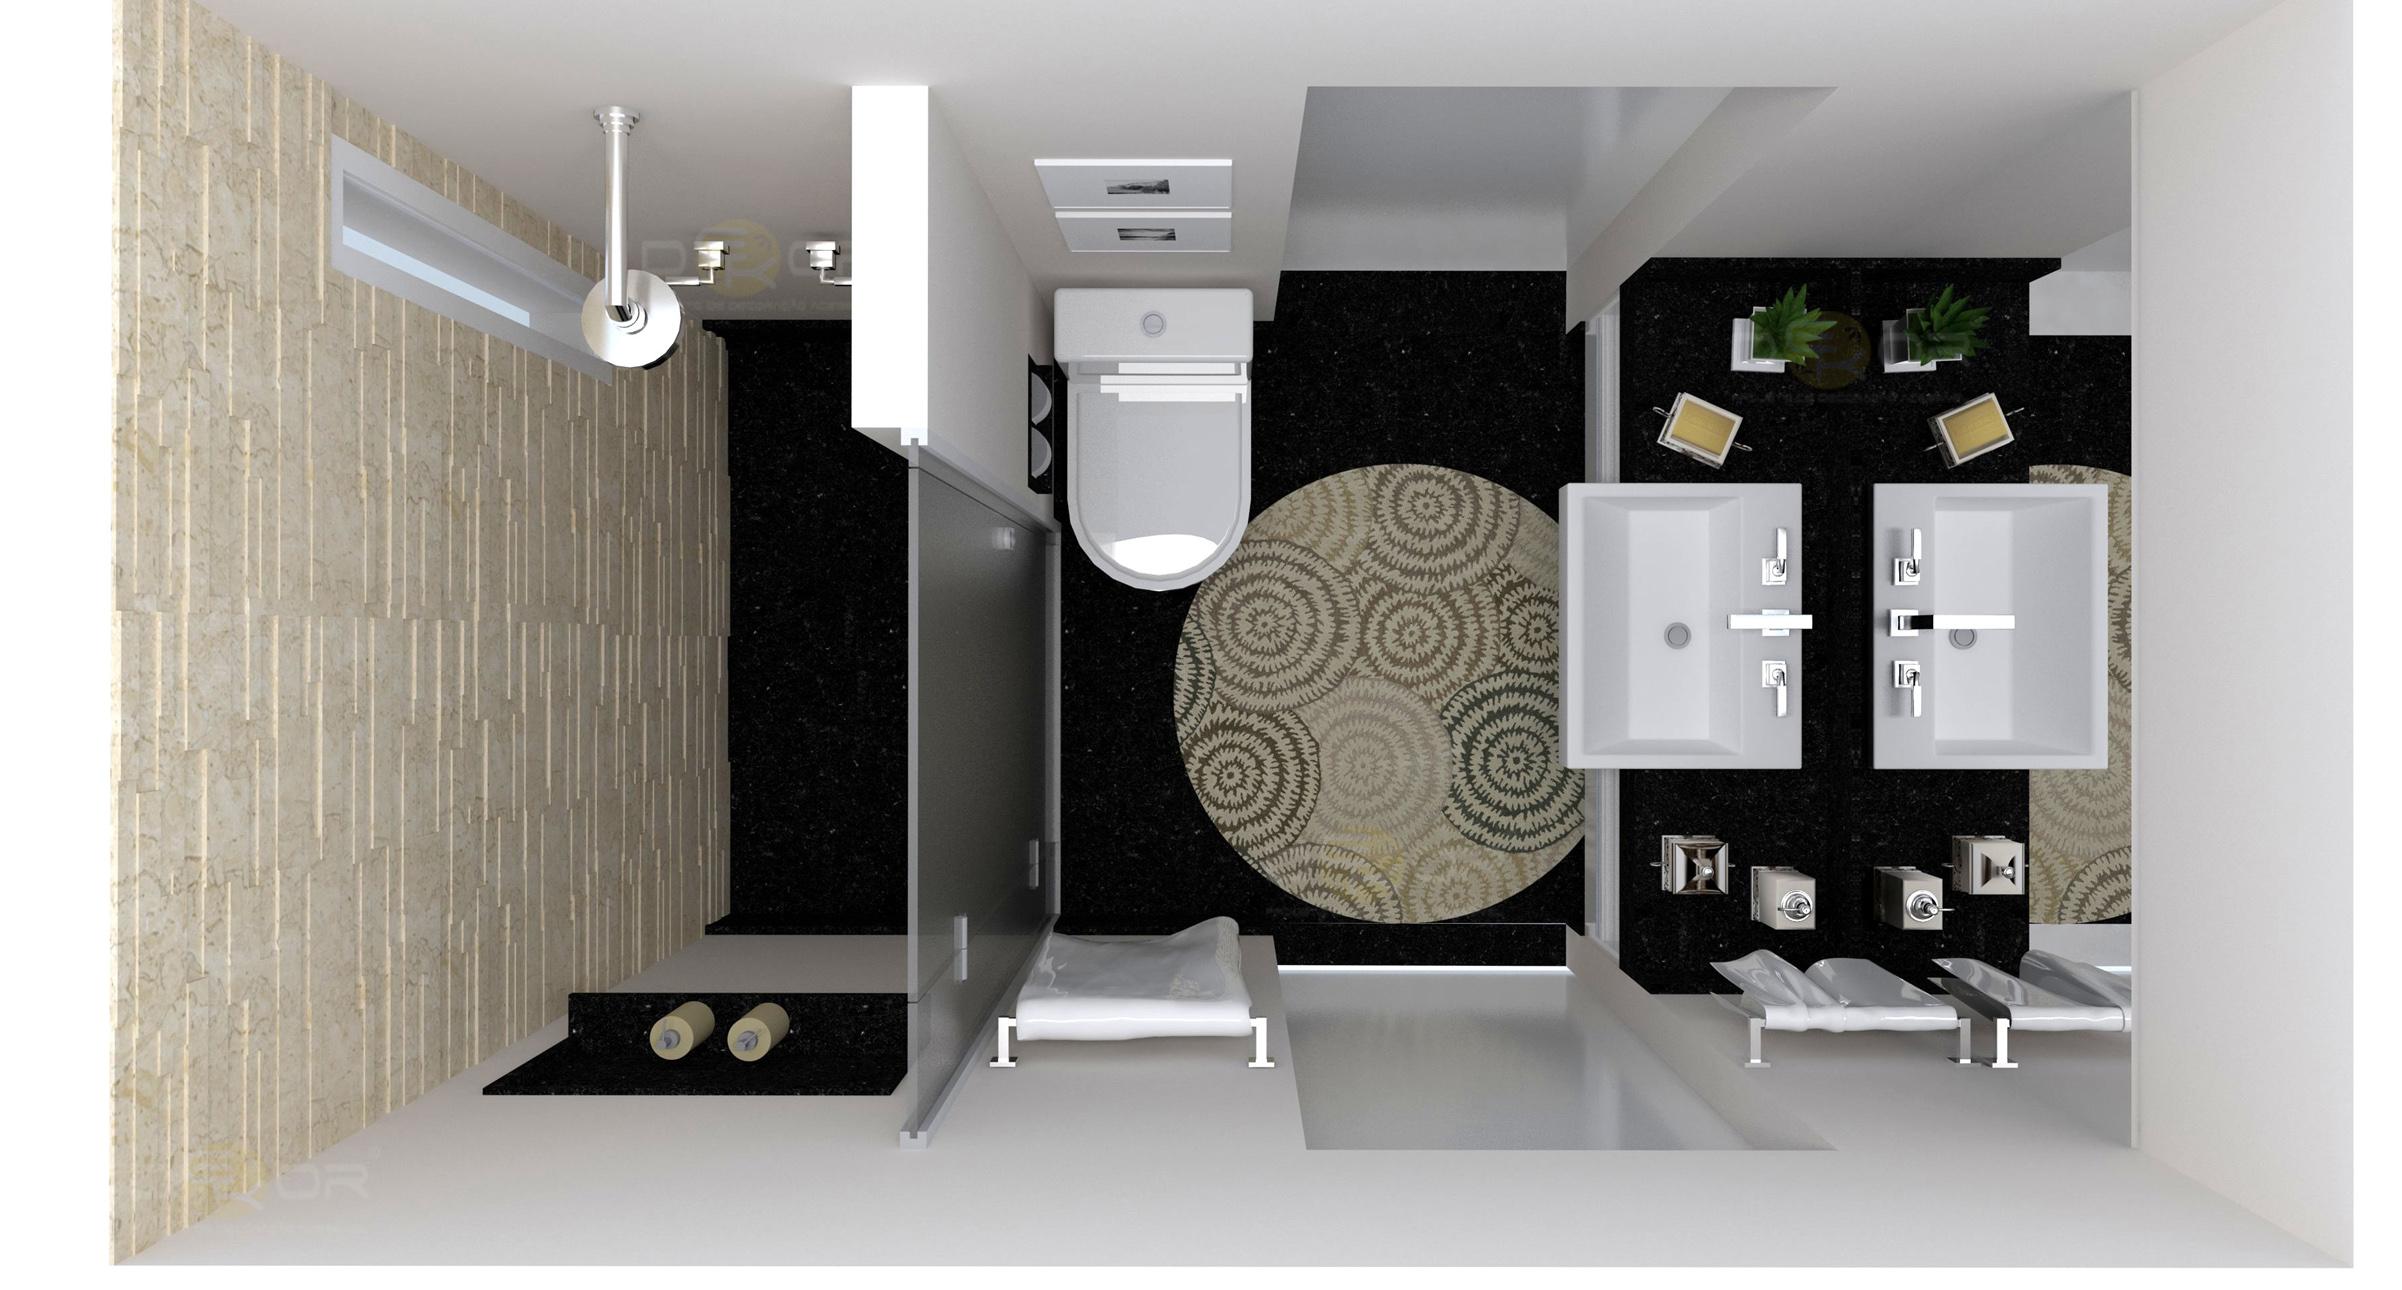 Projeto de Banheiro – Decoração Online #5 Erika Karpuk #766C55 2402 1290